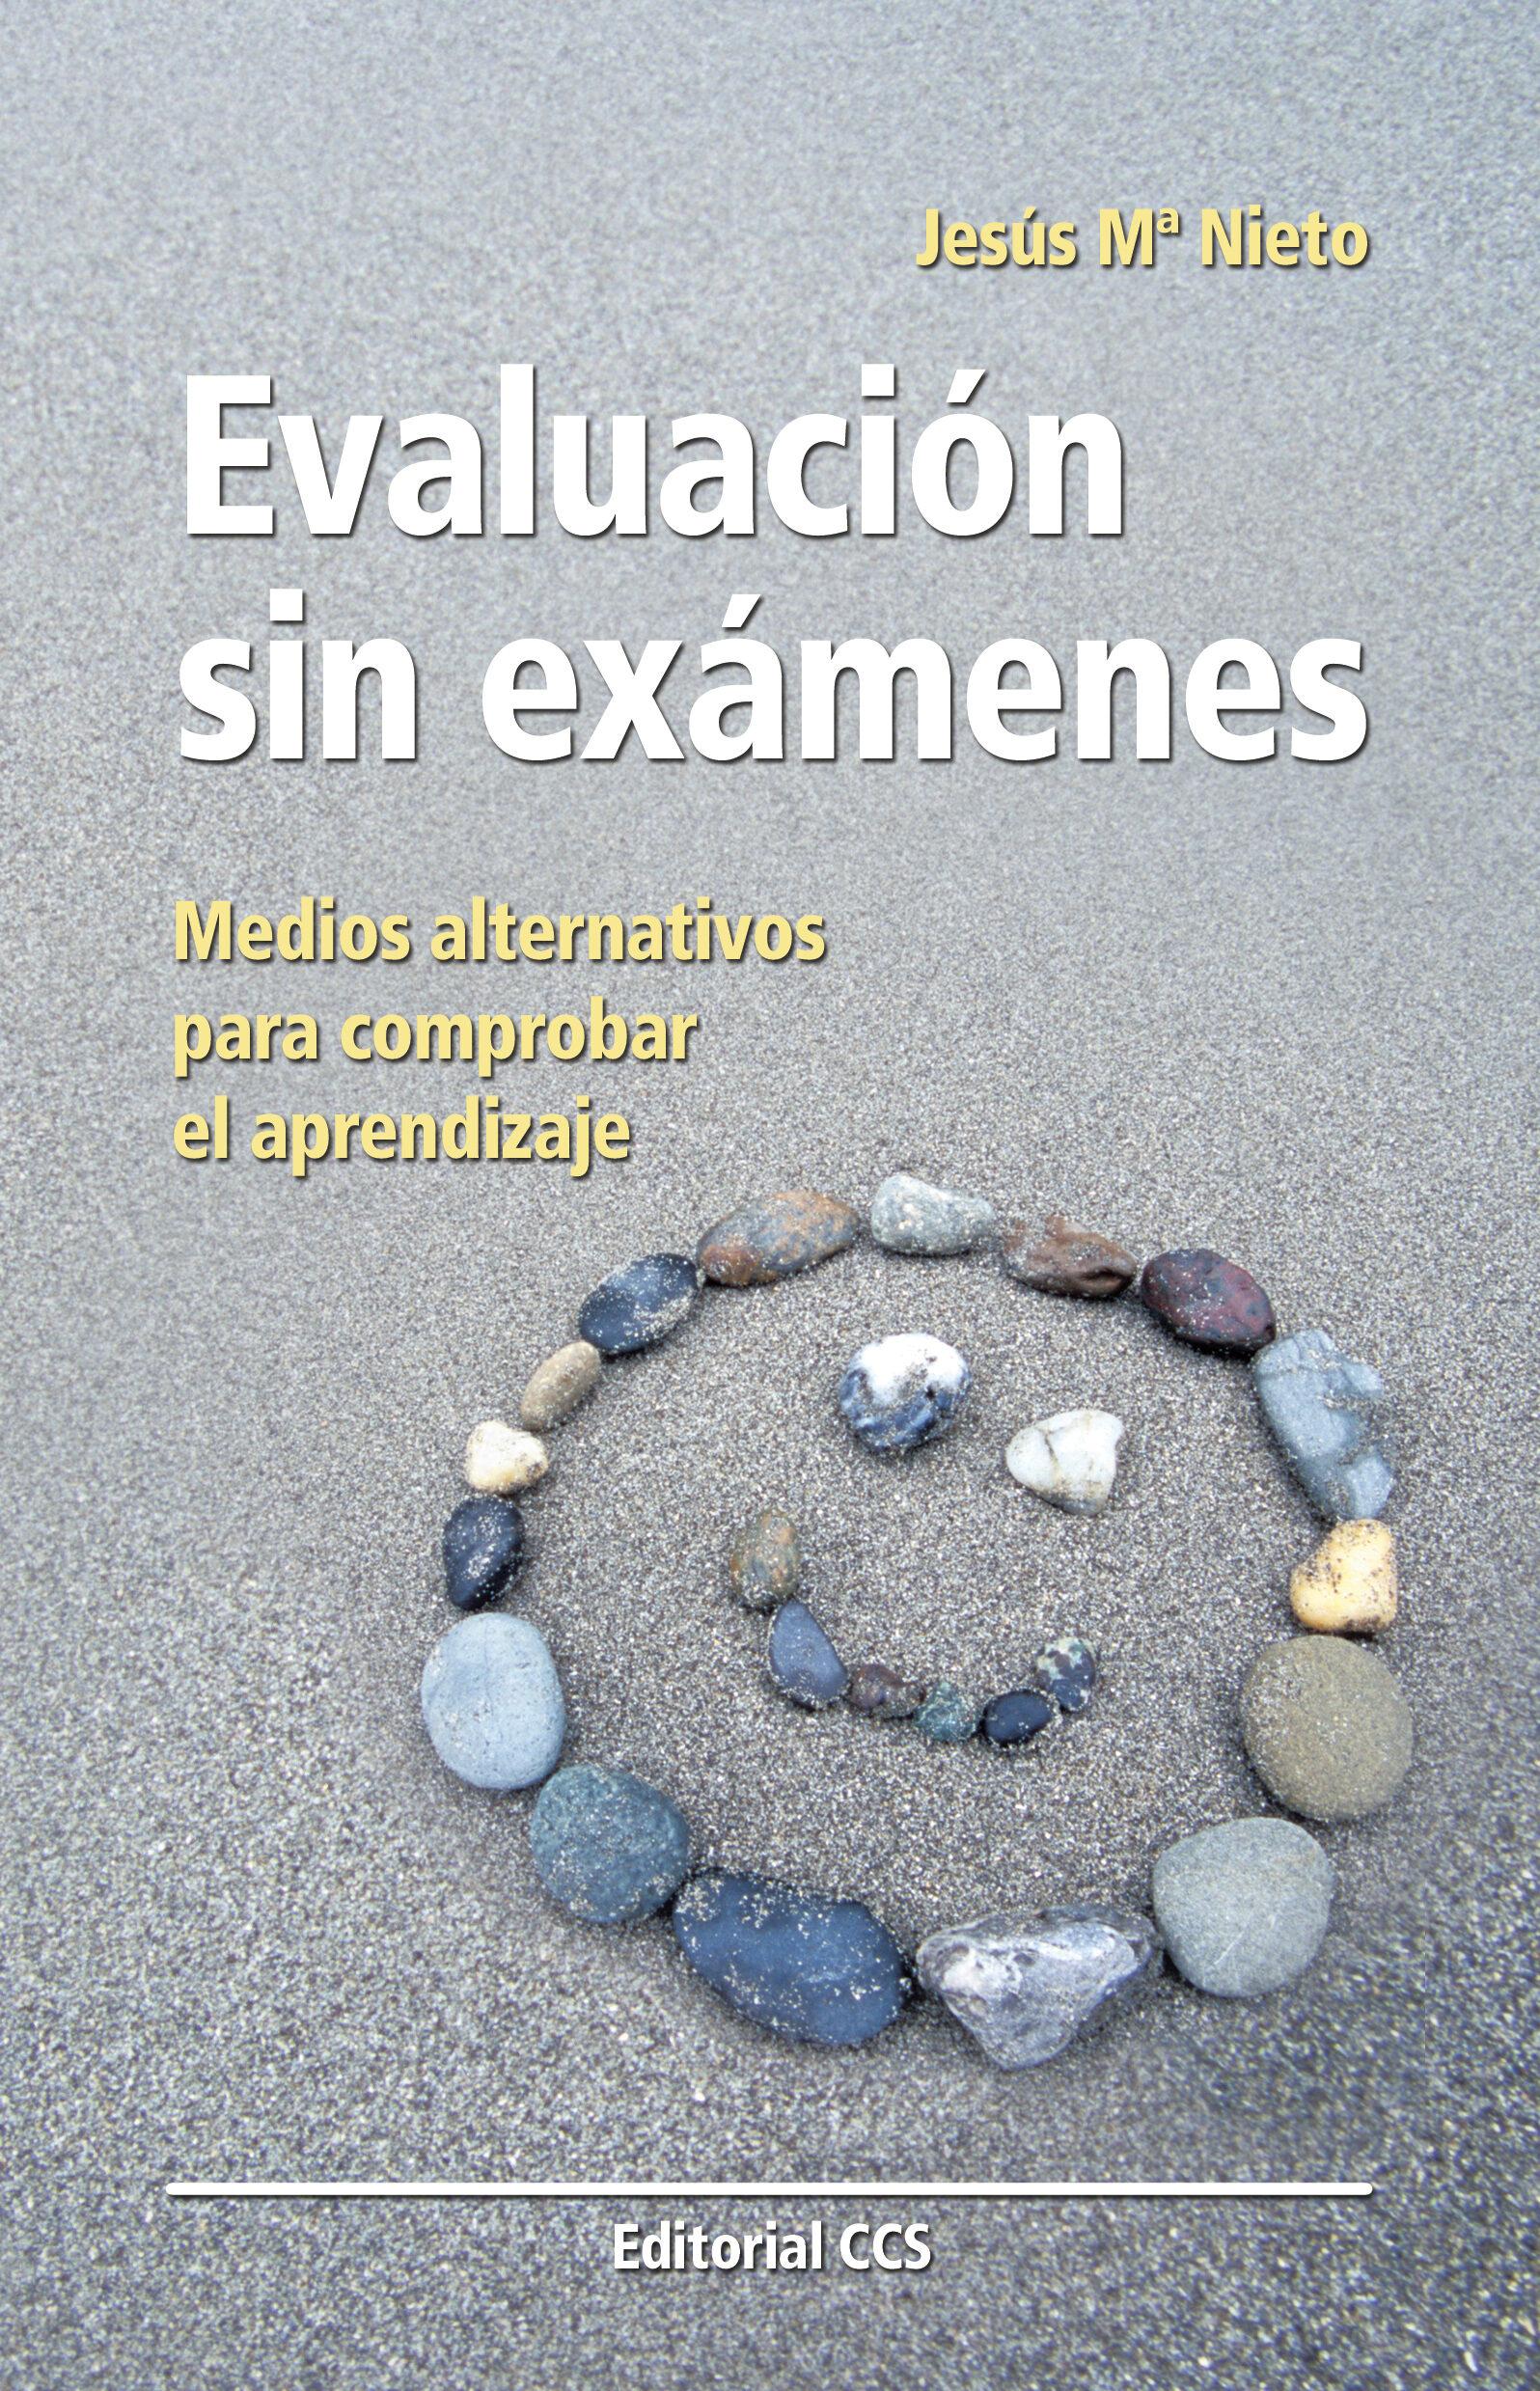 Evaluacion Sin Examenes: Medios Alternativos Para Comprobar El Ap Rendizaje por Jesus Maria Nieto Gil epub